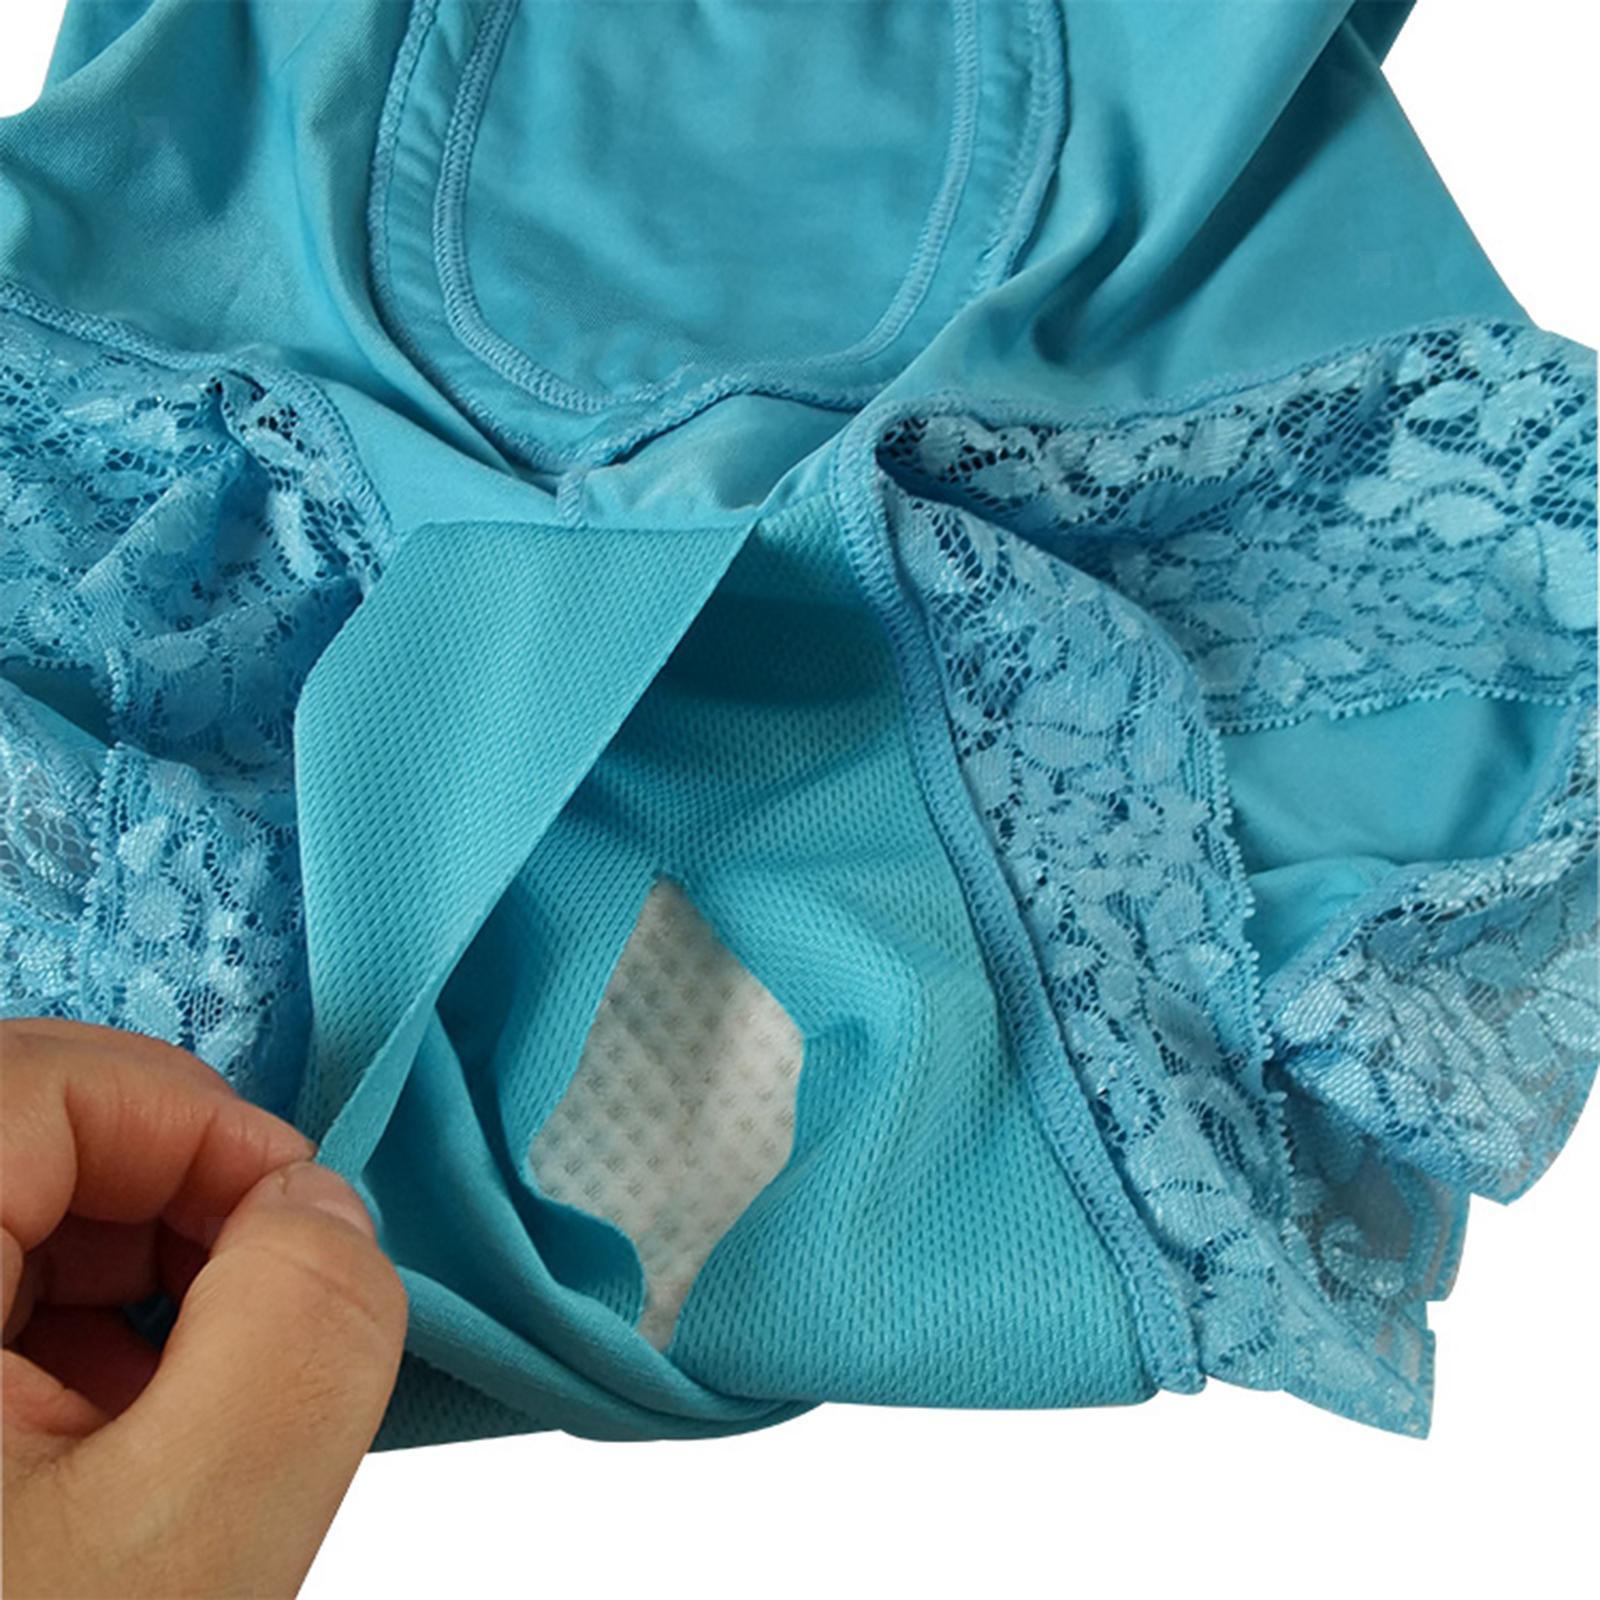 Indexbild 11 - Wiederverwendbare Inkontinenz Unterwäsche mit Pad für Frauen Menstruations